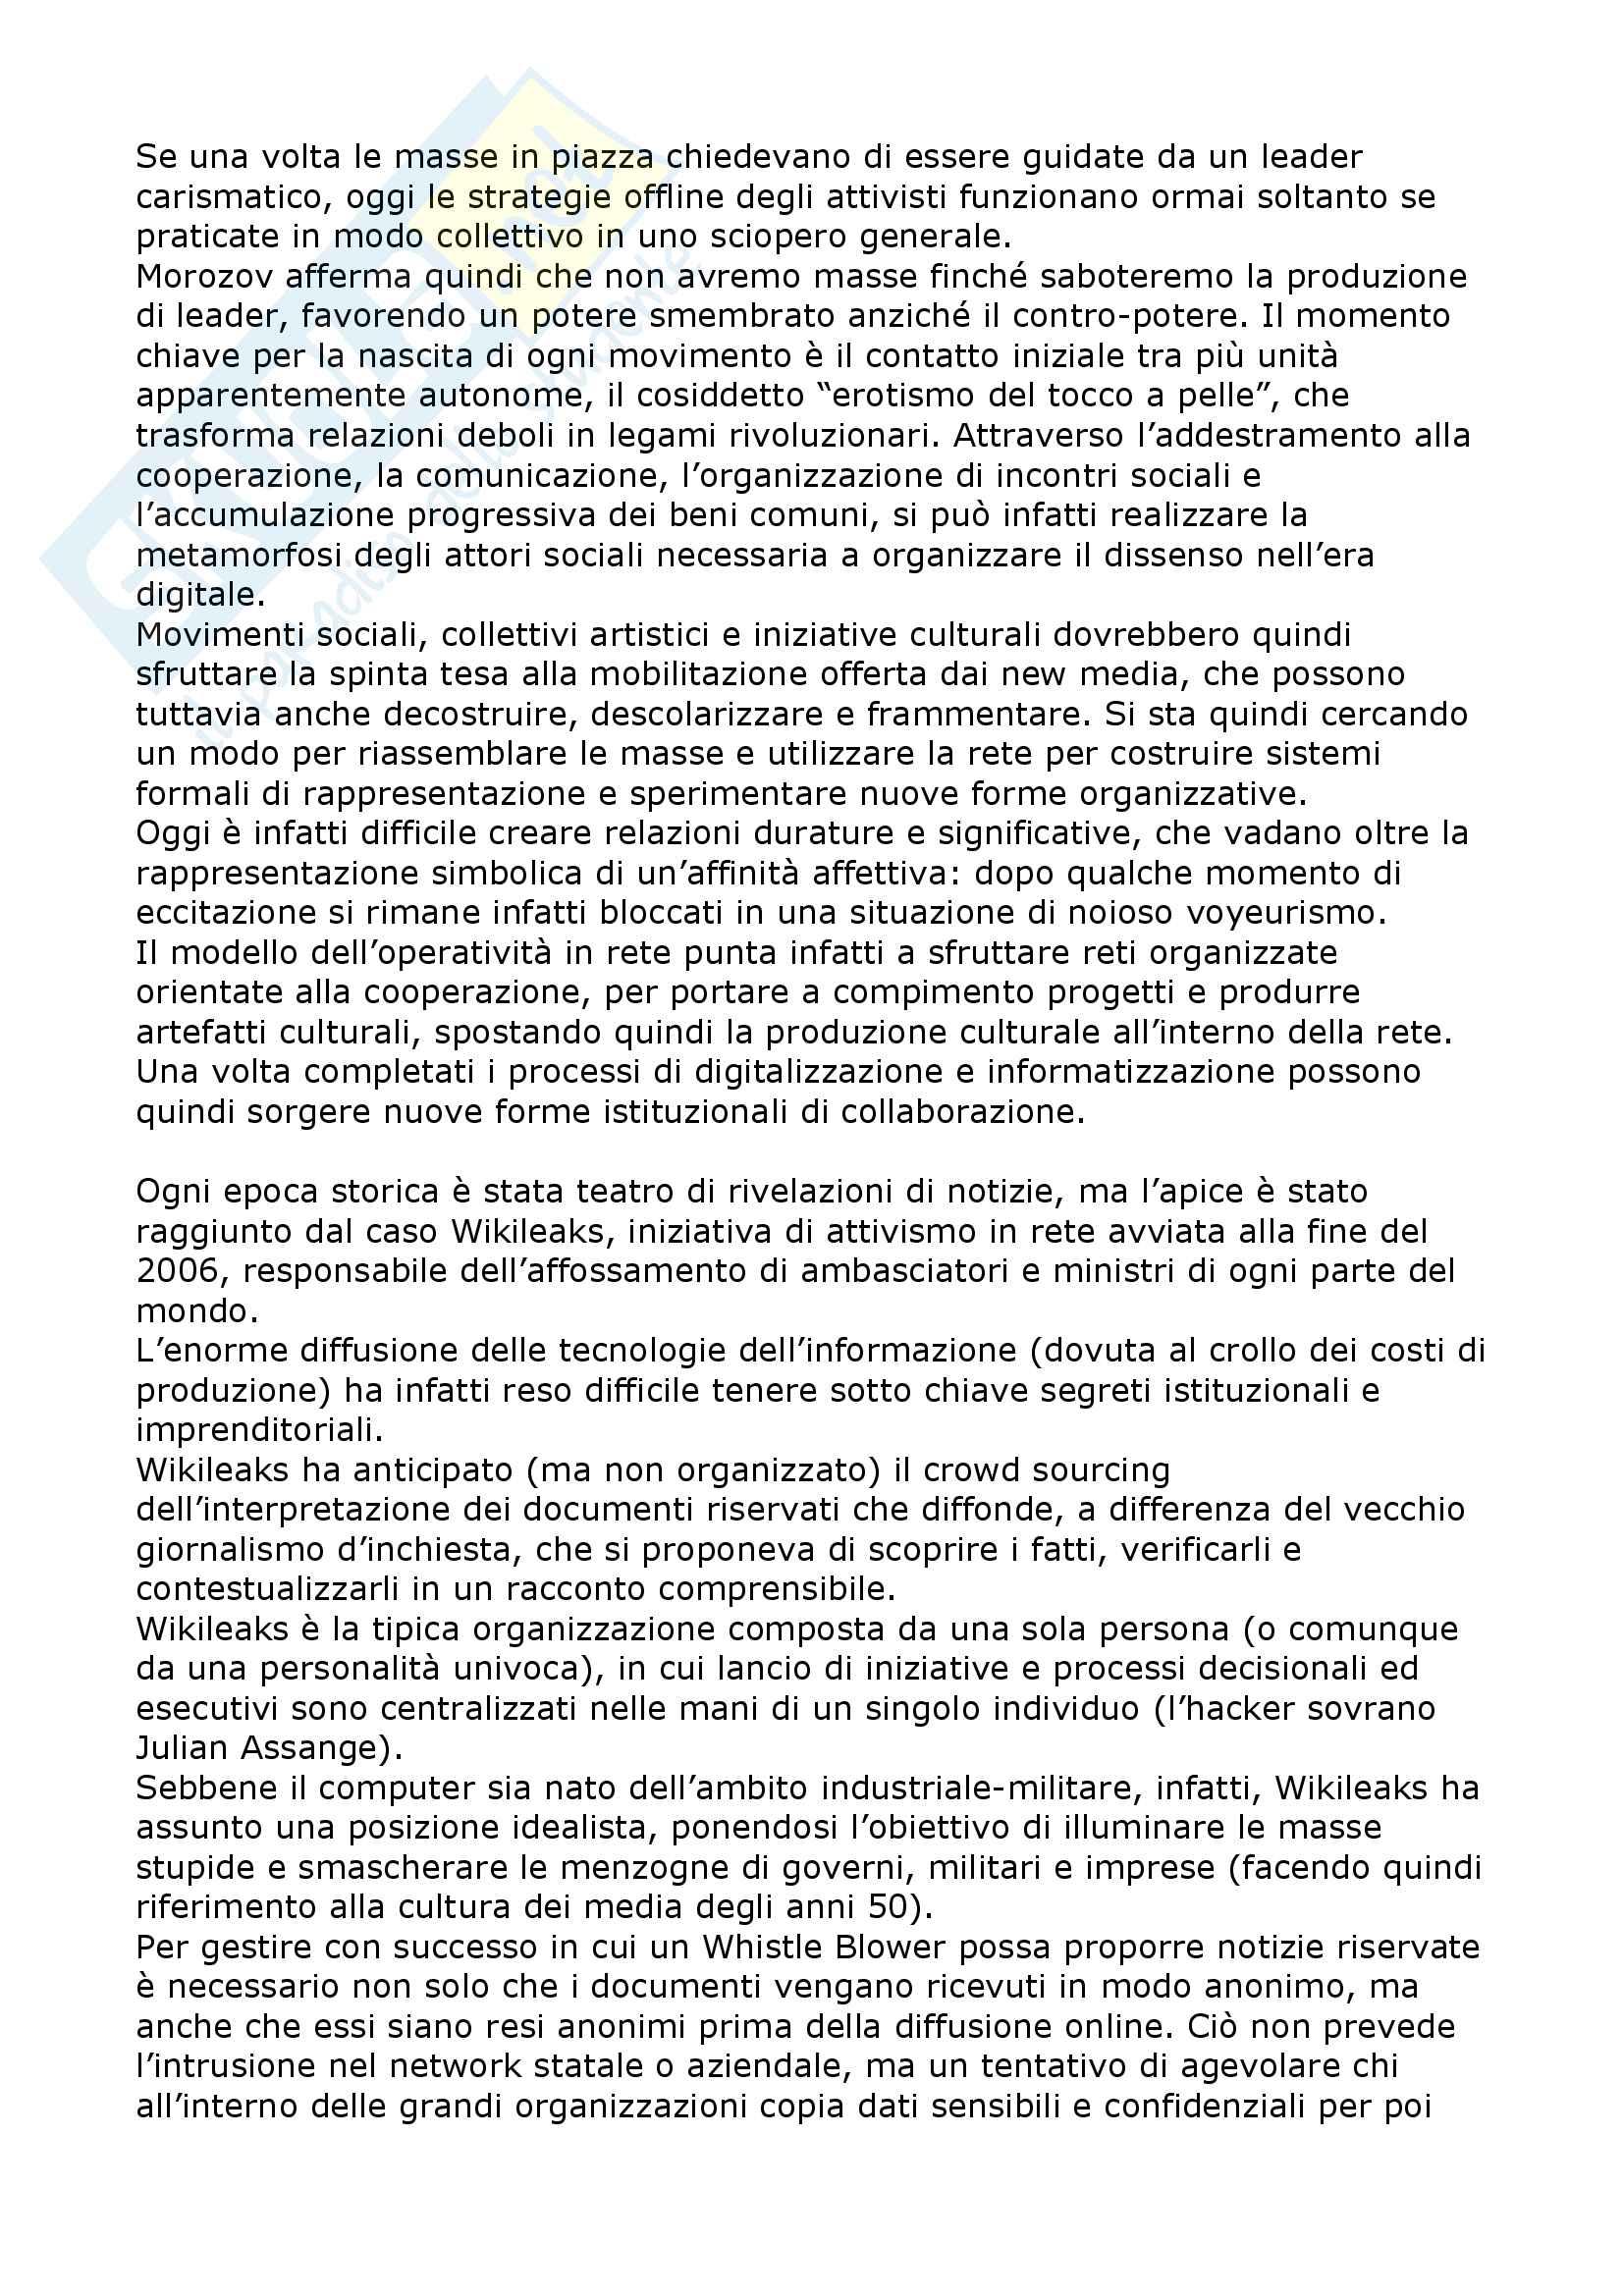 Riassunto esame Sociologia dei new media e internet studies, prof. Boccia Artieri, libro consigliato Ossessioni collettive, Geert, Lovink Pag. 11